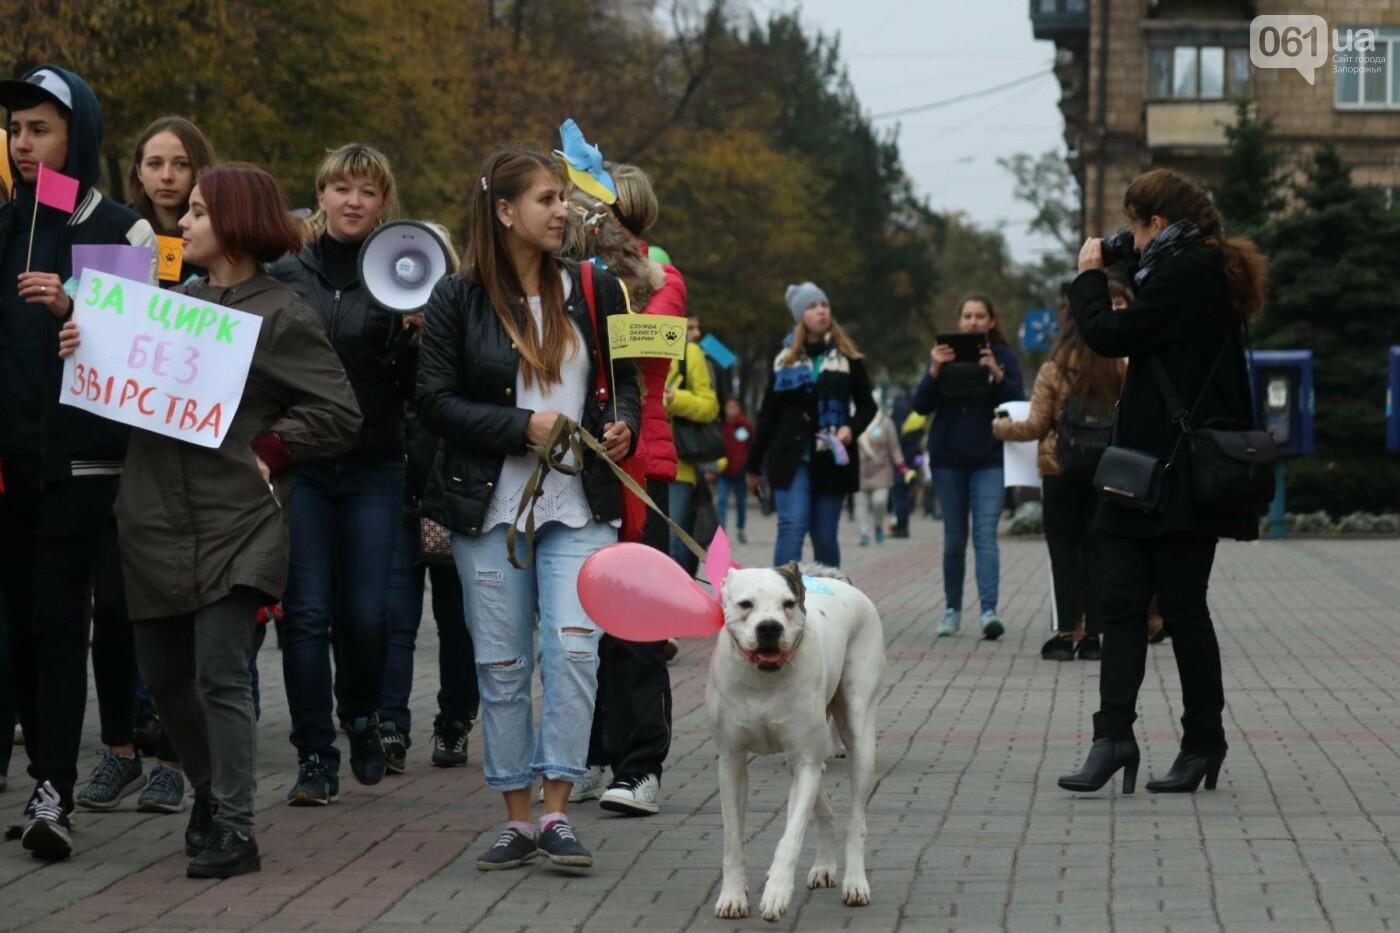 В Запорожье прошел марш за права животных, - ФОТОРЕПОРТАЖ, фото-12